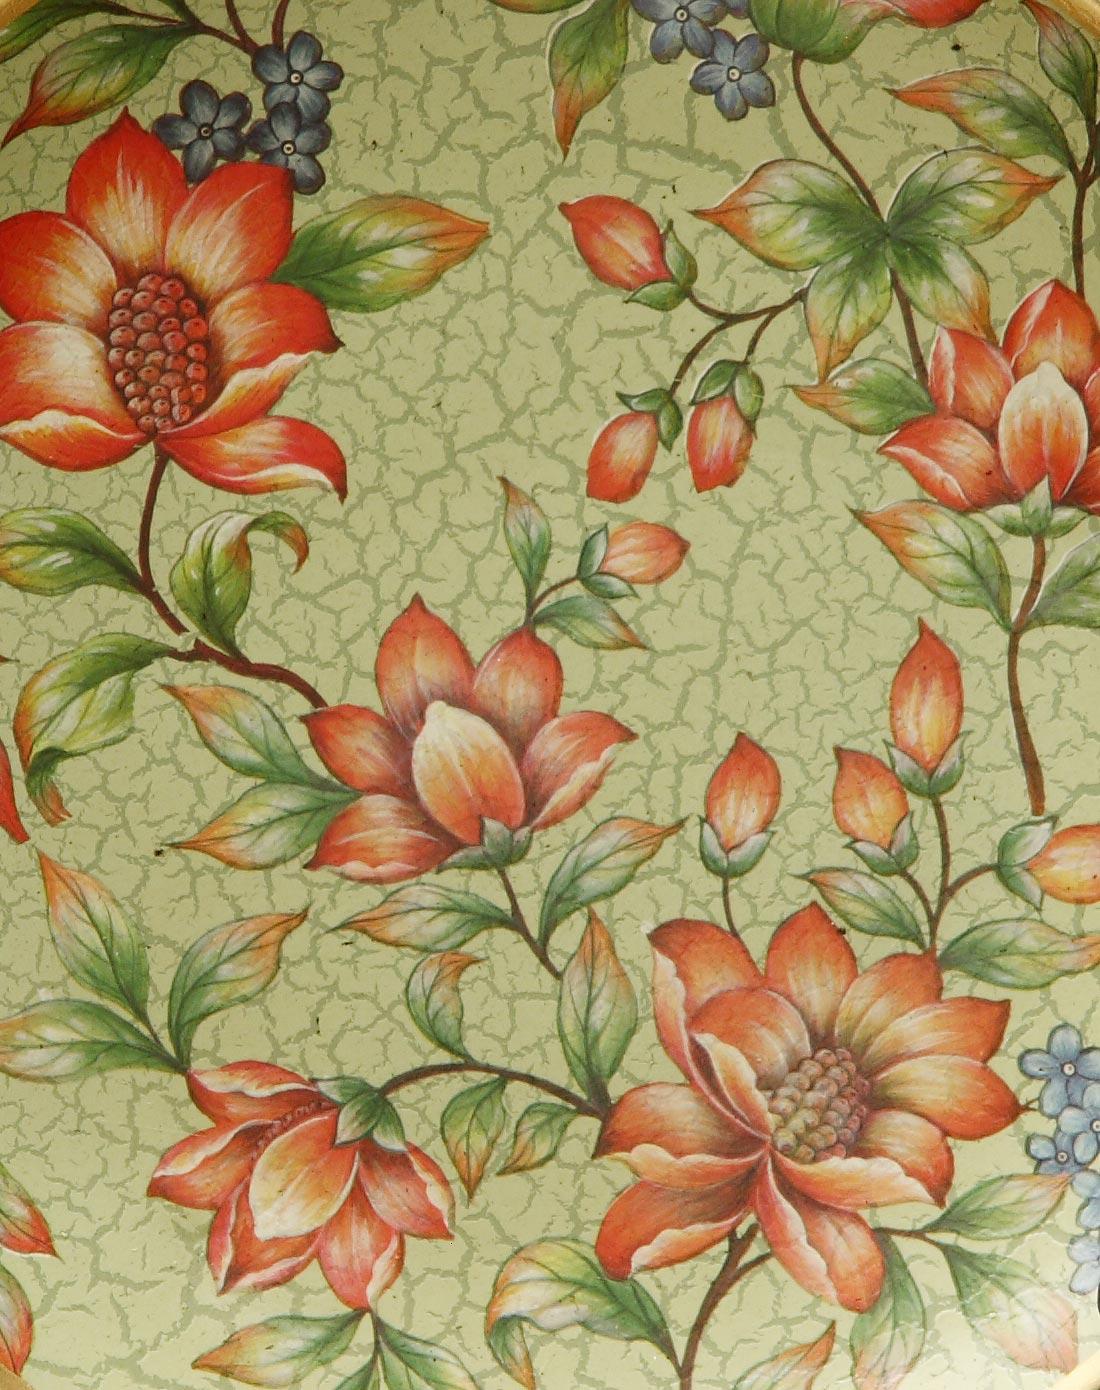 复古花卉图案手绘陶瓷盘子装饰盘摆盘